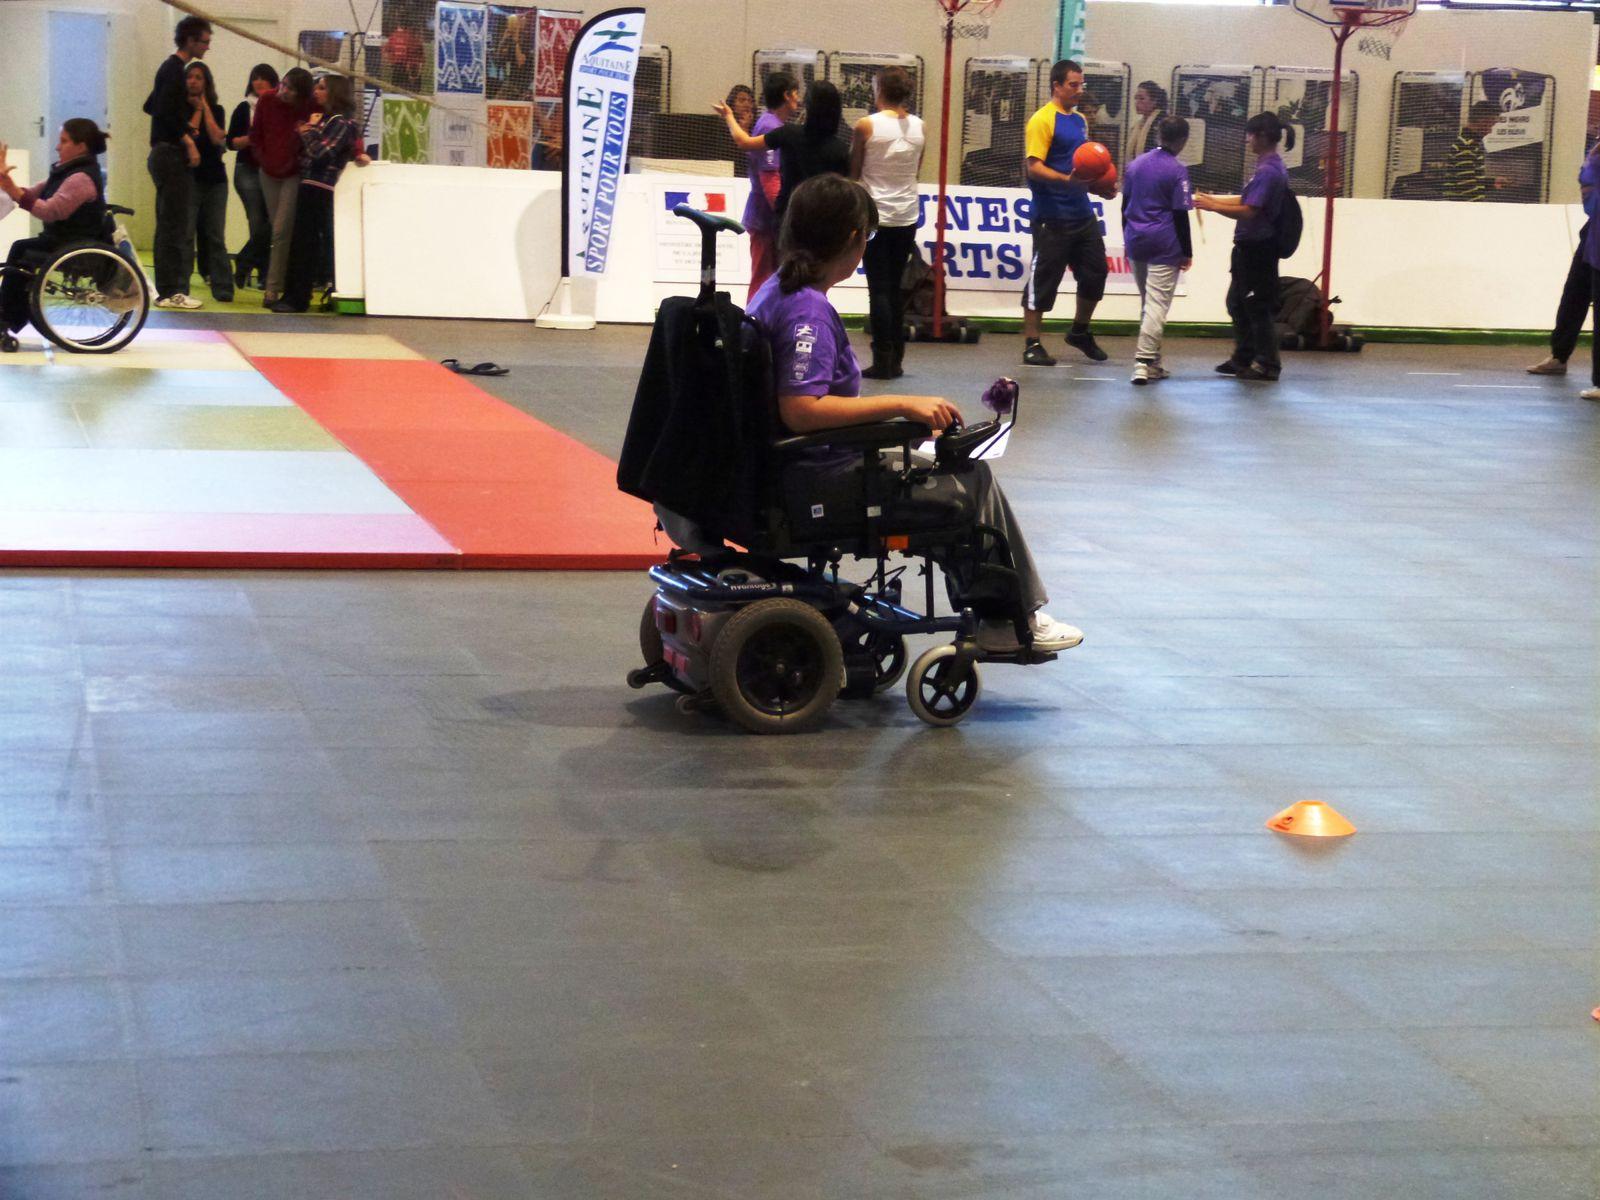 Le 07/11/12, journée du handicap dans le cdre de Conforexpo à Bordeaux. Au programme : initiations sportives et pratiques handi-valide